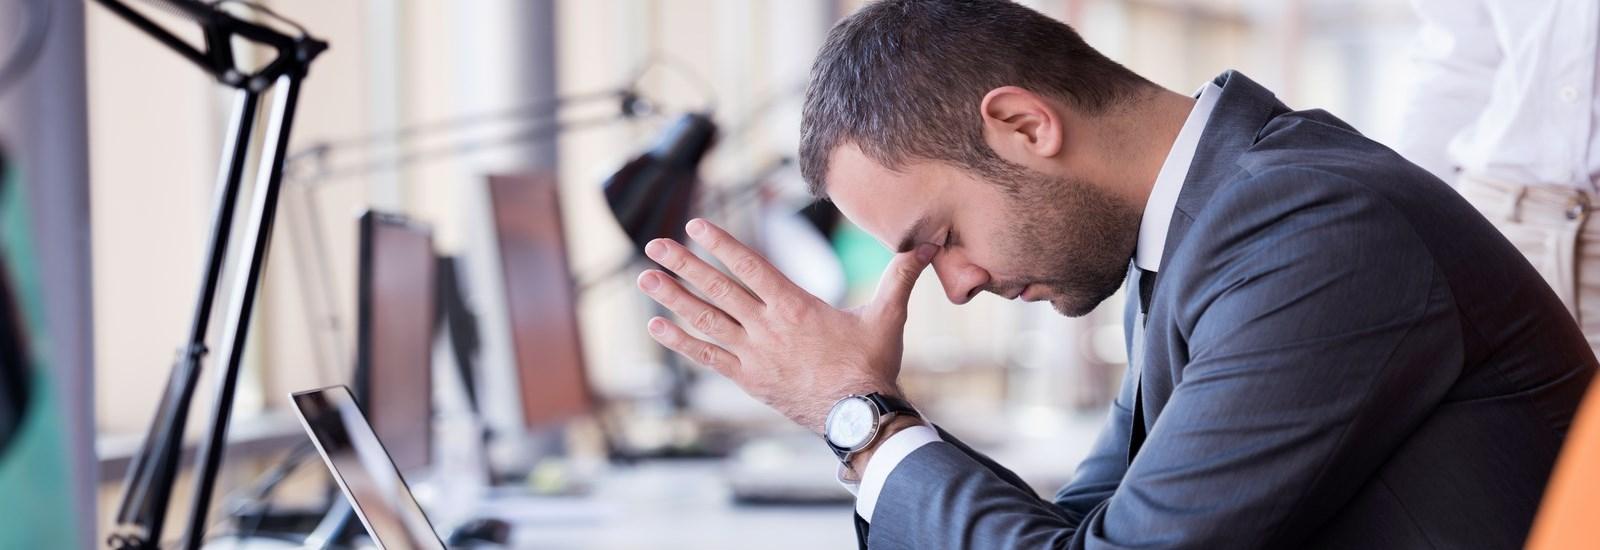 Jak radzić sobie w sytuacjach stresowych?